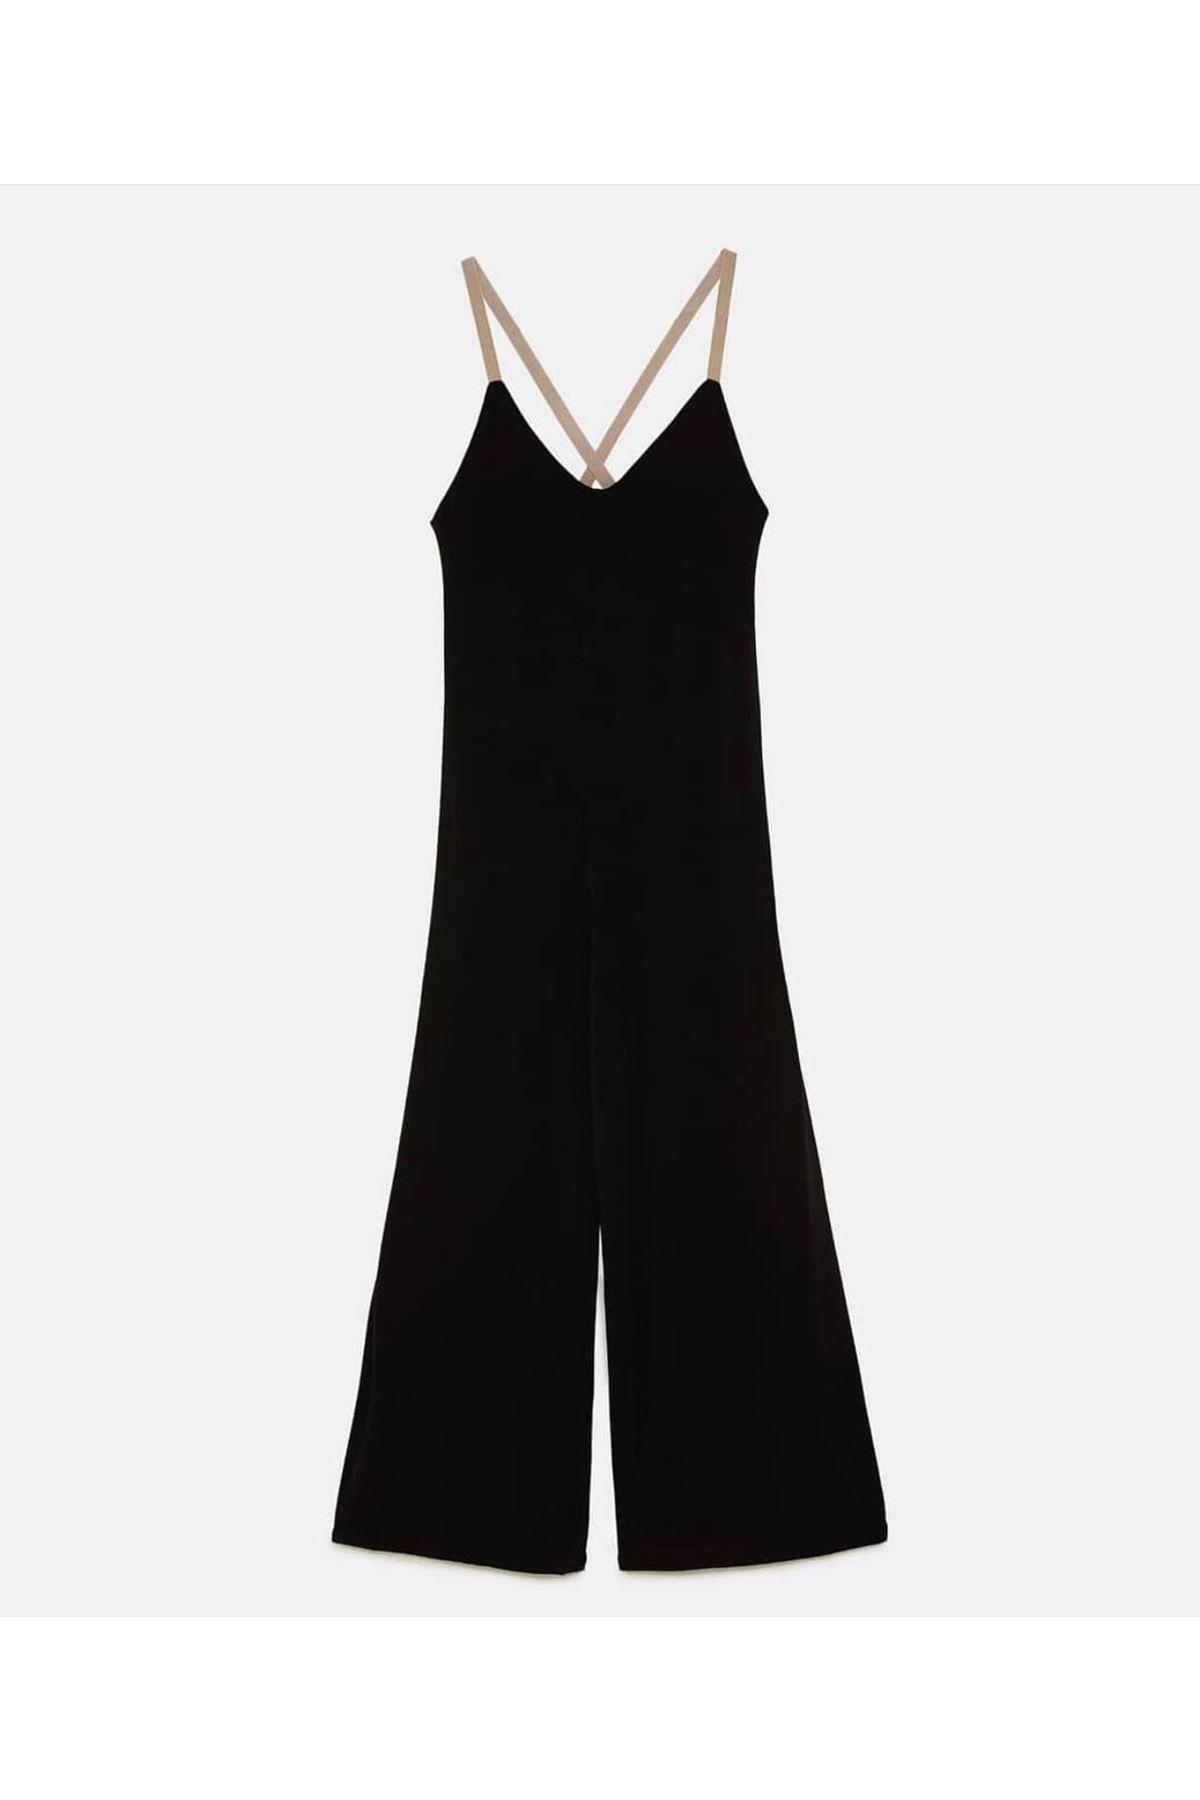 Zara Model Salaş Tulum - Siyah